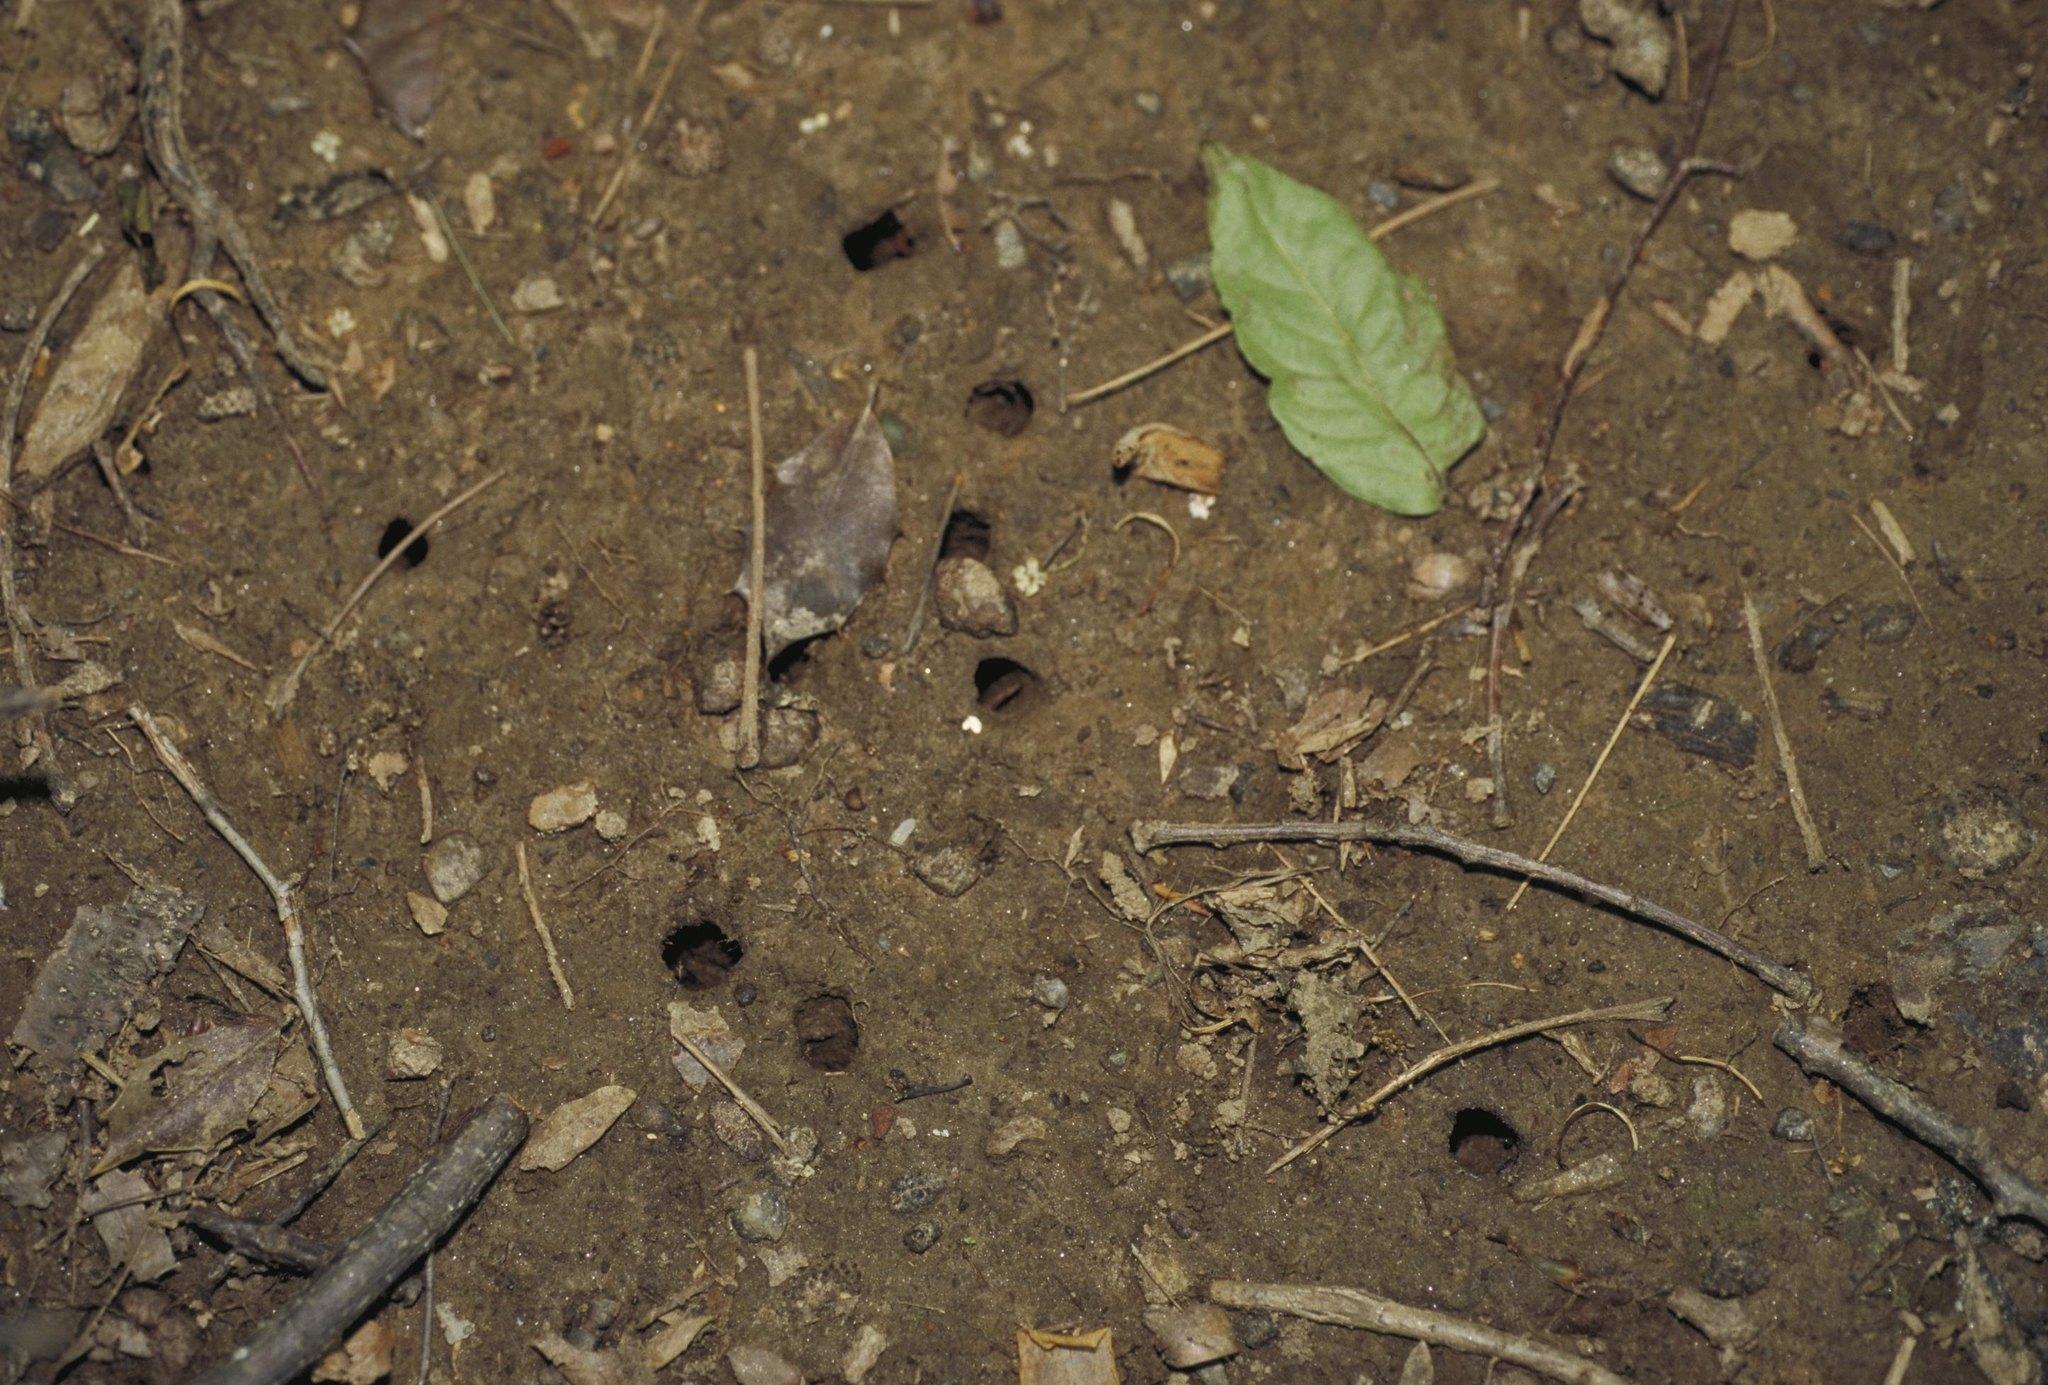 شلیک هوایی از سوراخ های بسیار کوچک در خاک